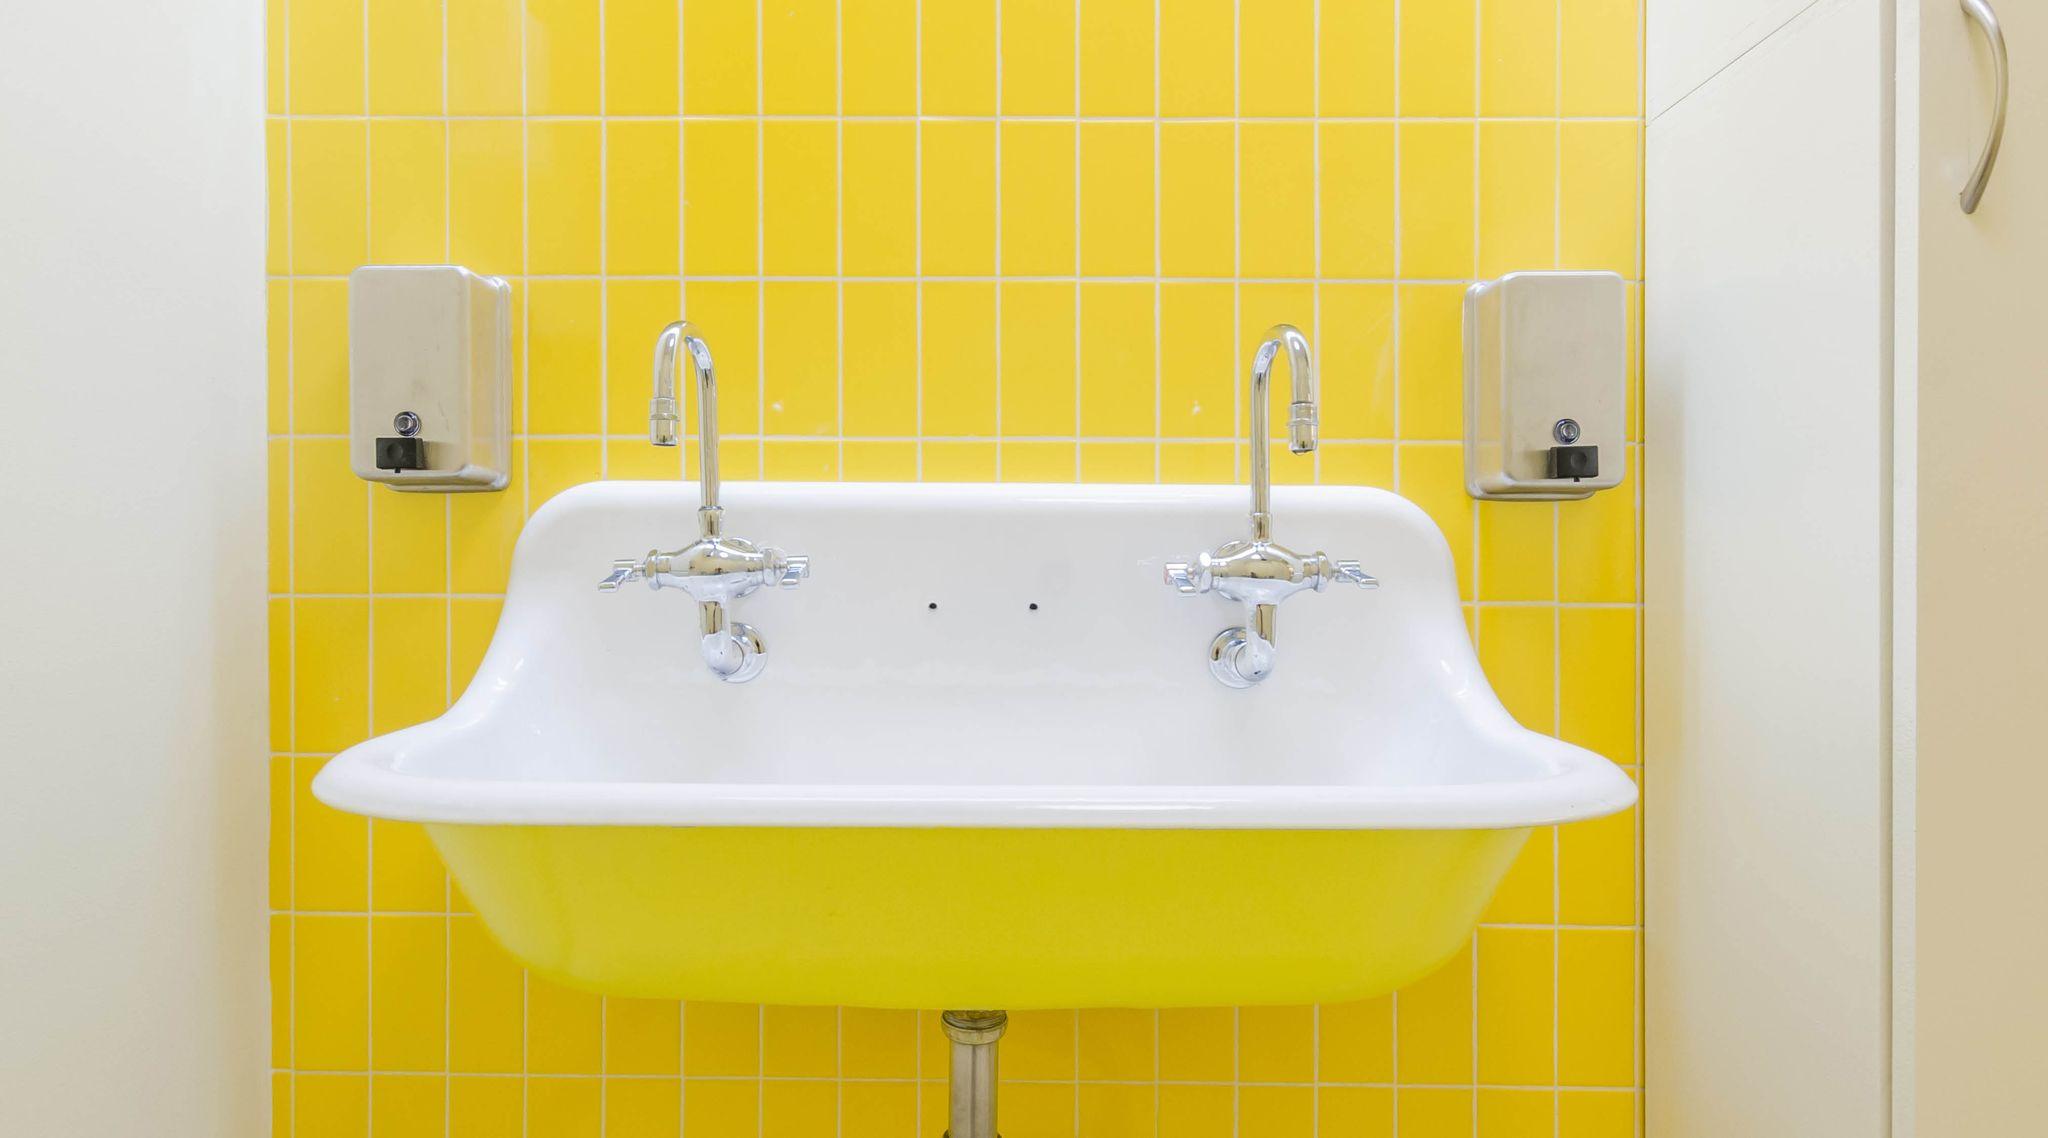 Gul og hvid håndvask i porcelæn med to armaturer. Håndvask hænger på væg med gule klinker og til højre og venstre hænger to sæbedispensere